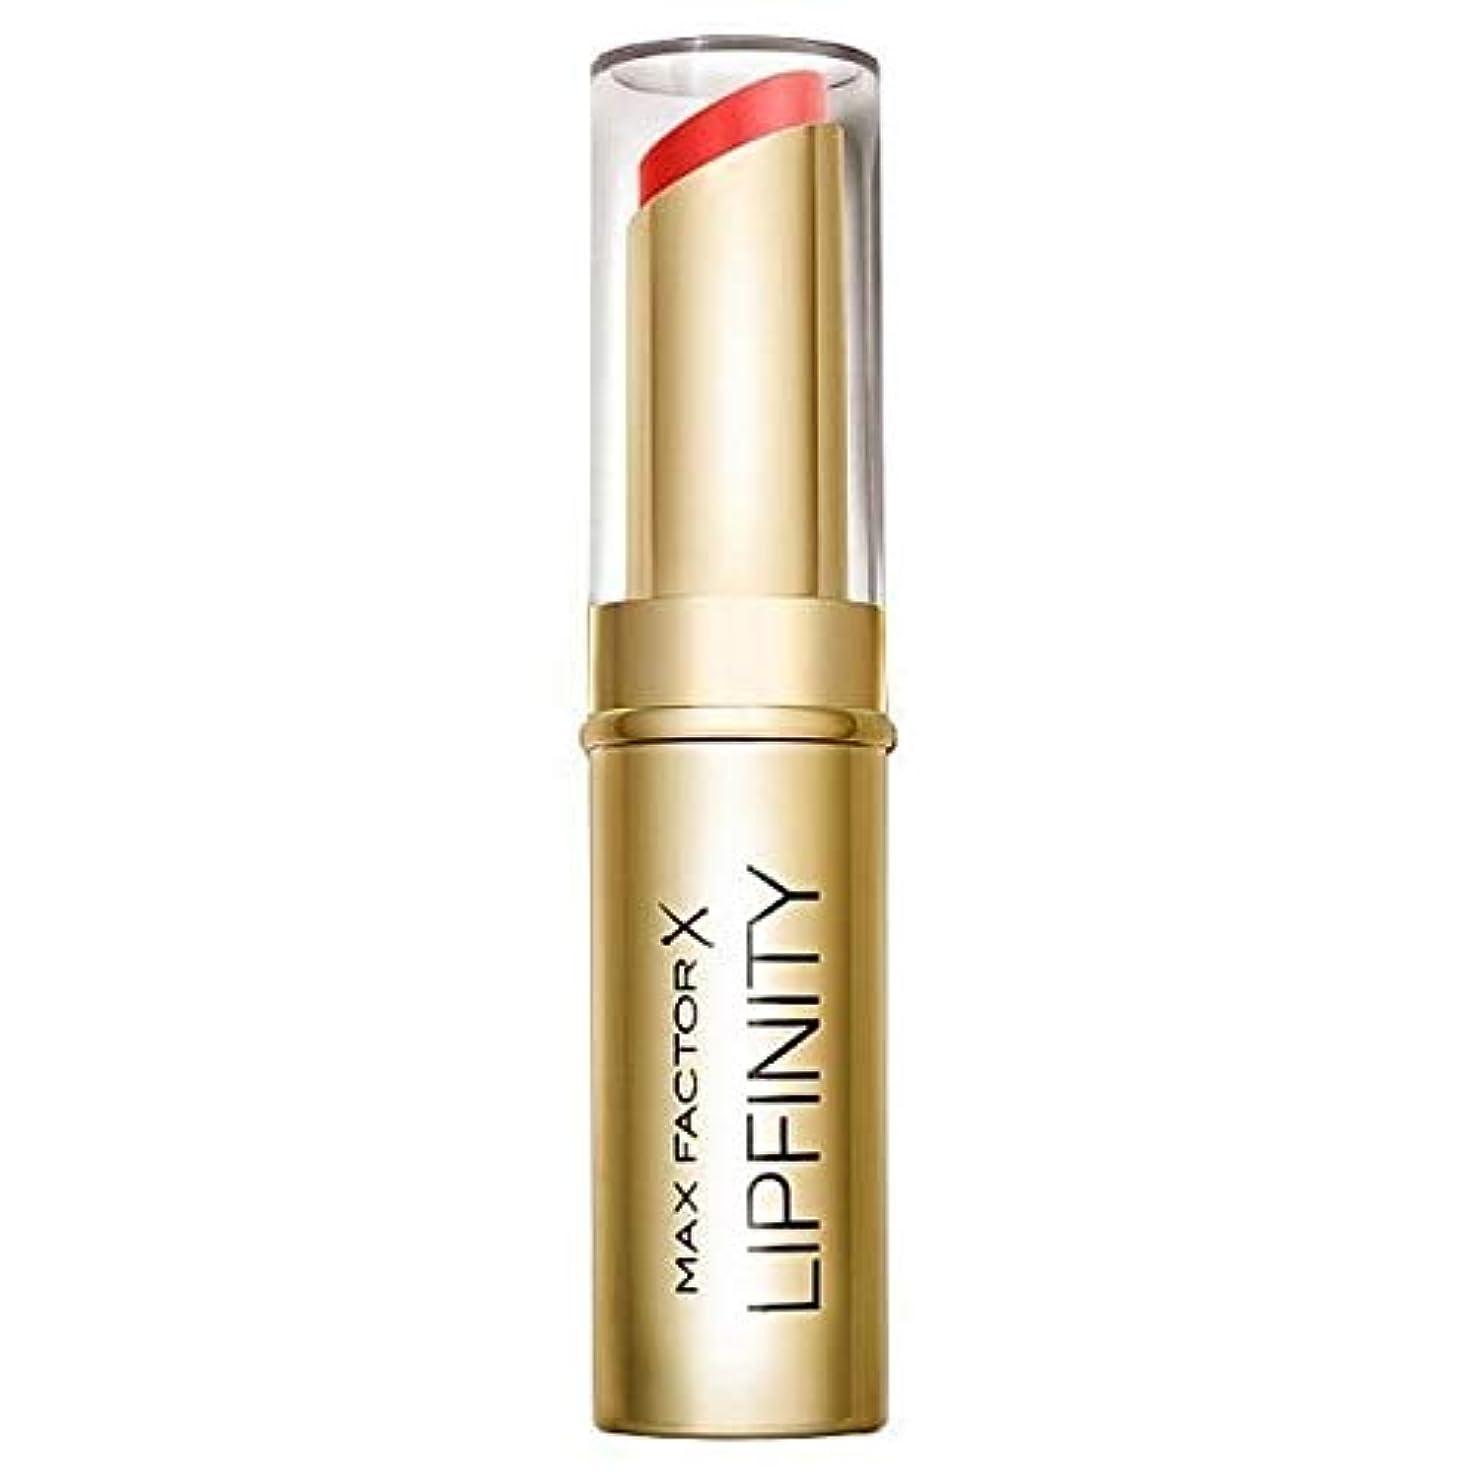 三申請中刺繍[Max Factor ] 長い口紅だけの豪華持続マックスファクターLipfinity - Max Factor Lipfinity Long Lasting Lipstick Just Deluxe [並行輸入品]